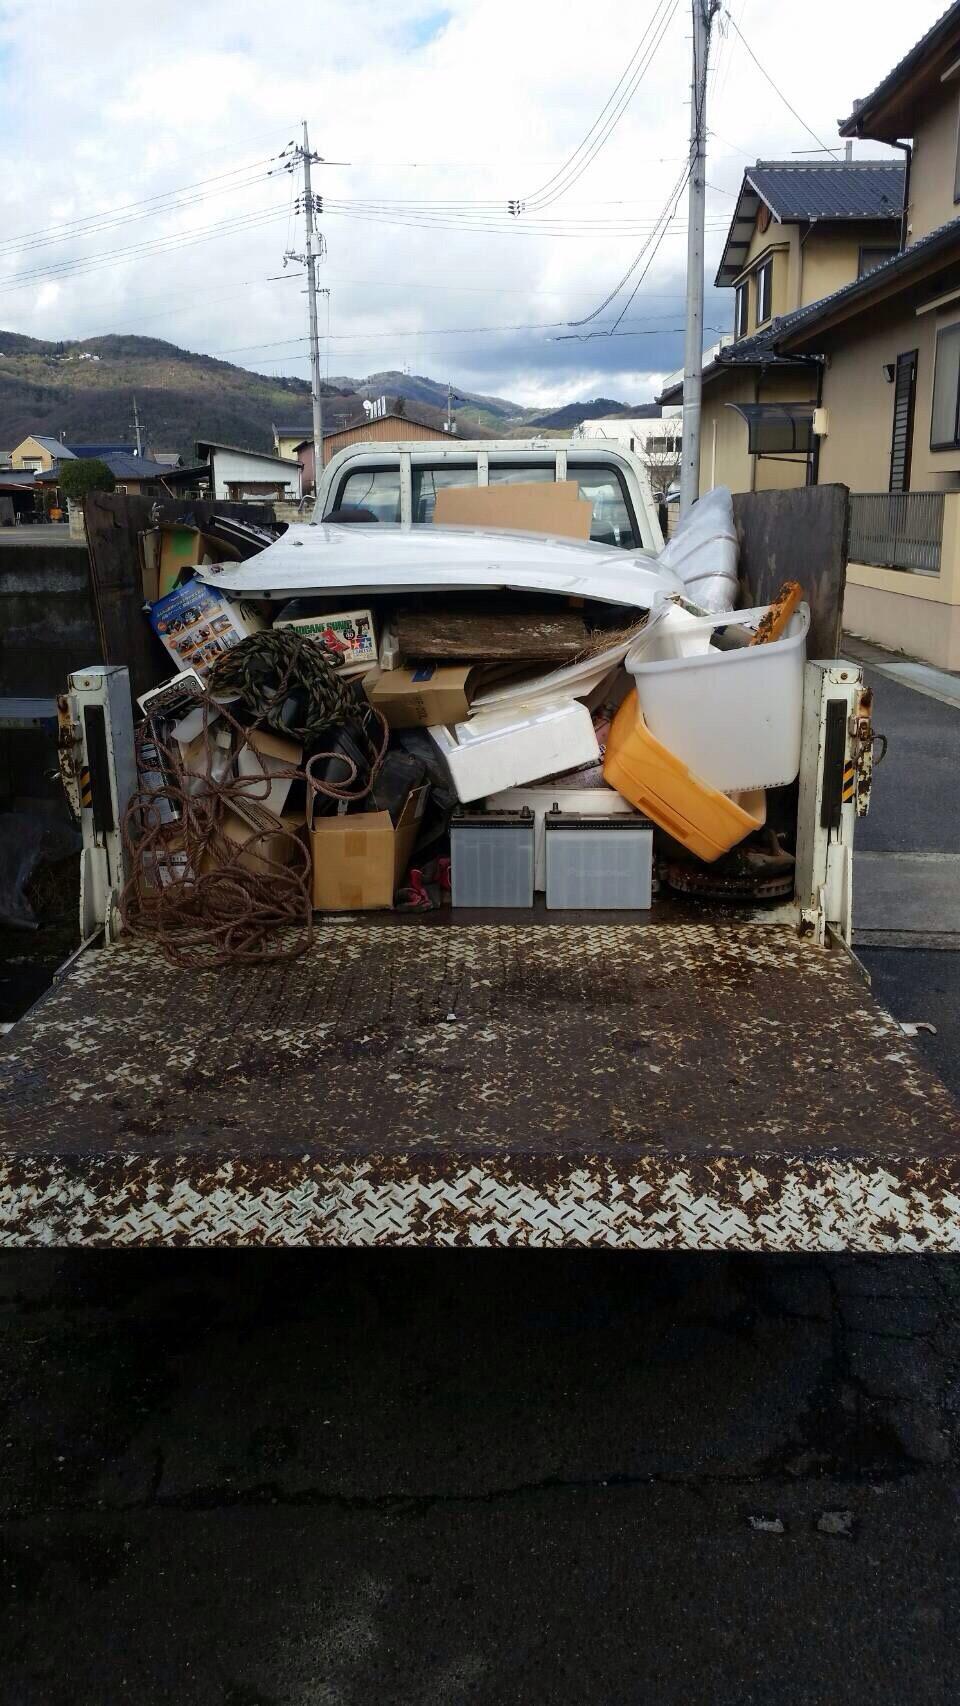 福岡市早良区でカーバッテリー、プラモデルなどの不用品回収しました。